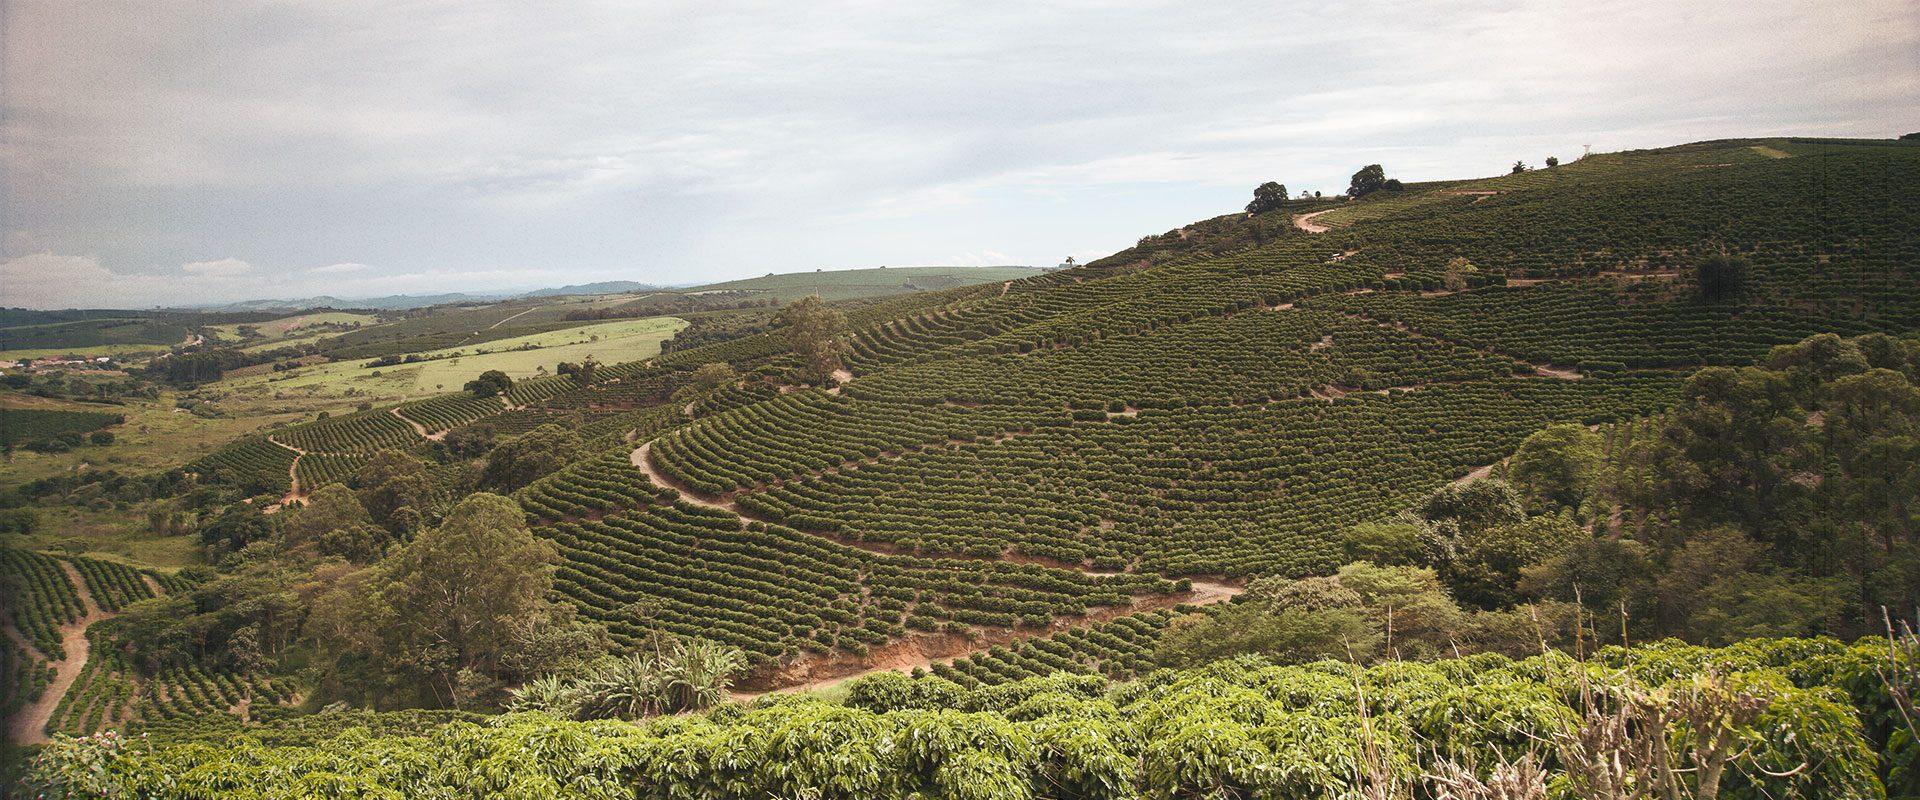 Hillside coffee field